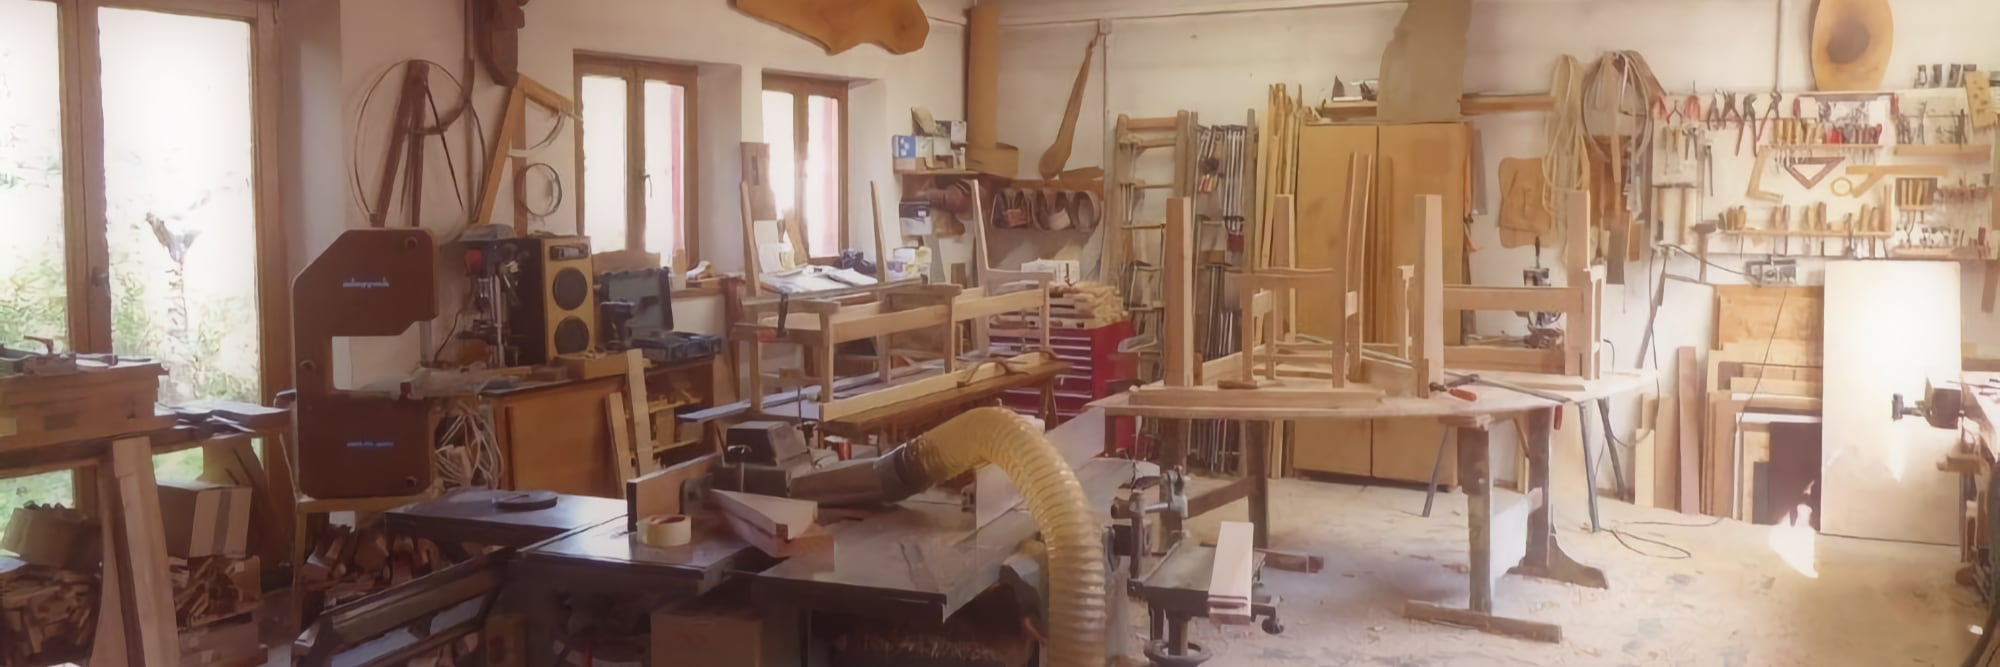 Welantik - Holzwerkstatt auf dem Scheffehof